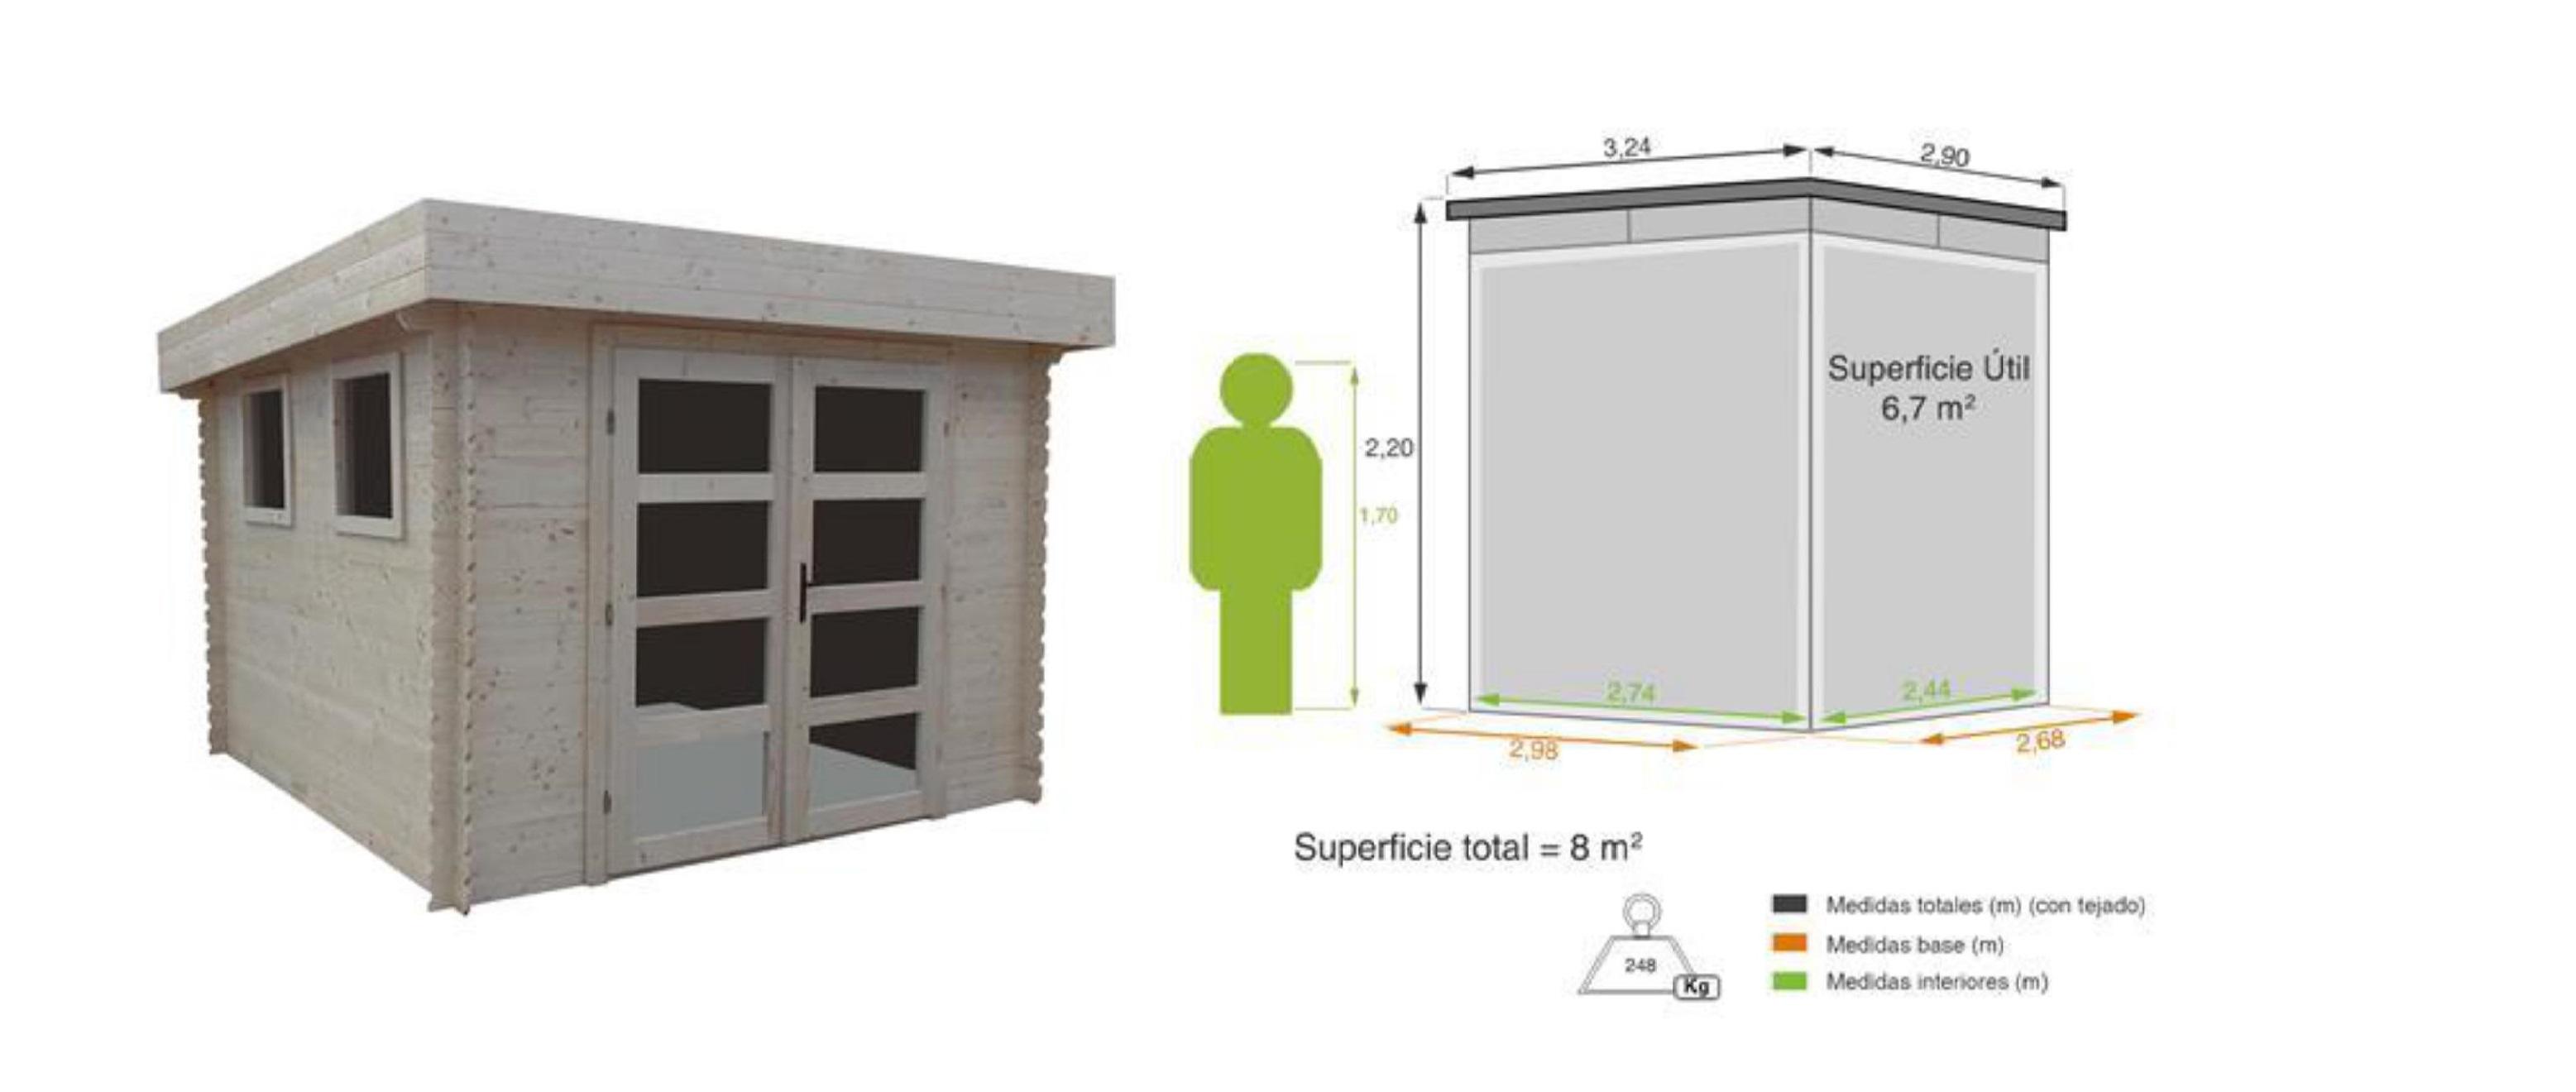 Tuinhuis is bij het grote huis van 136 m2 met A+ isolatie inclusief